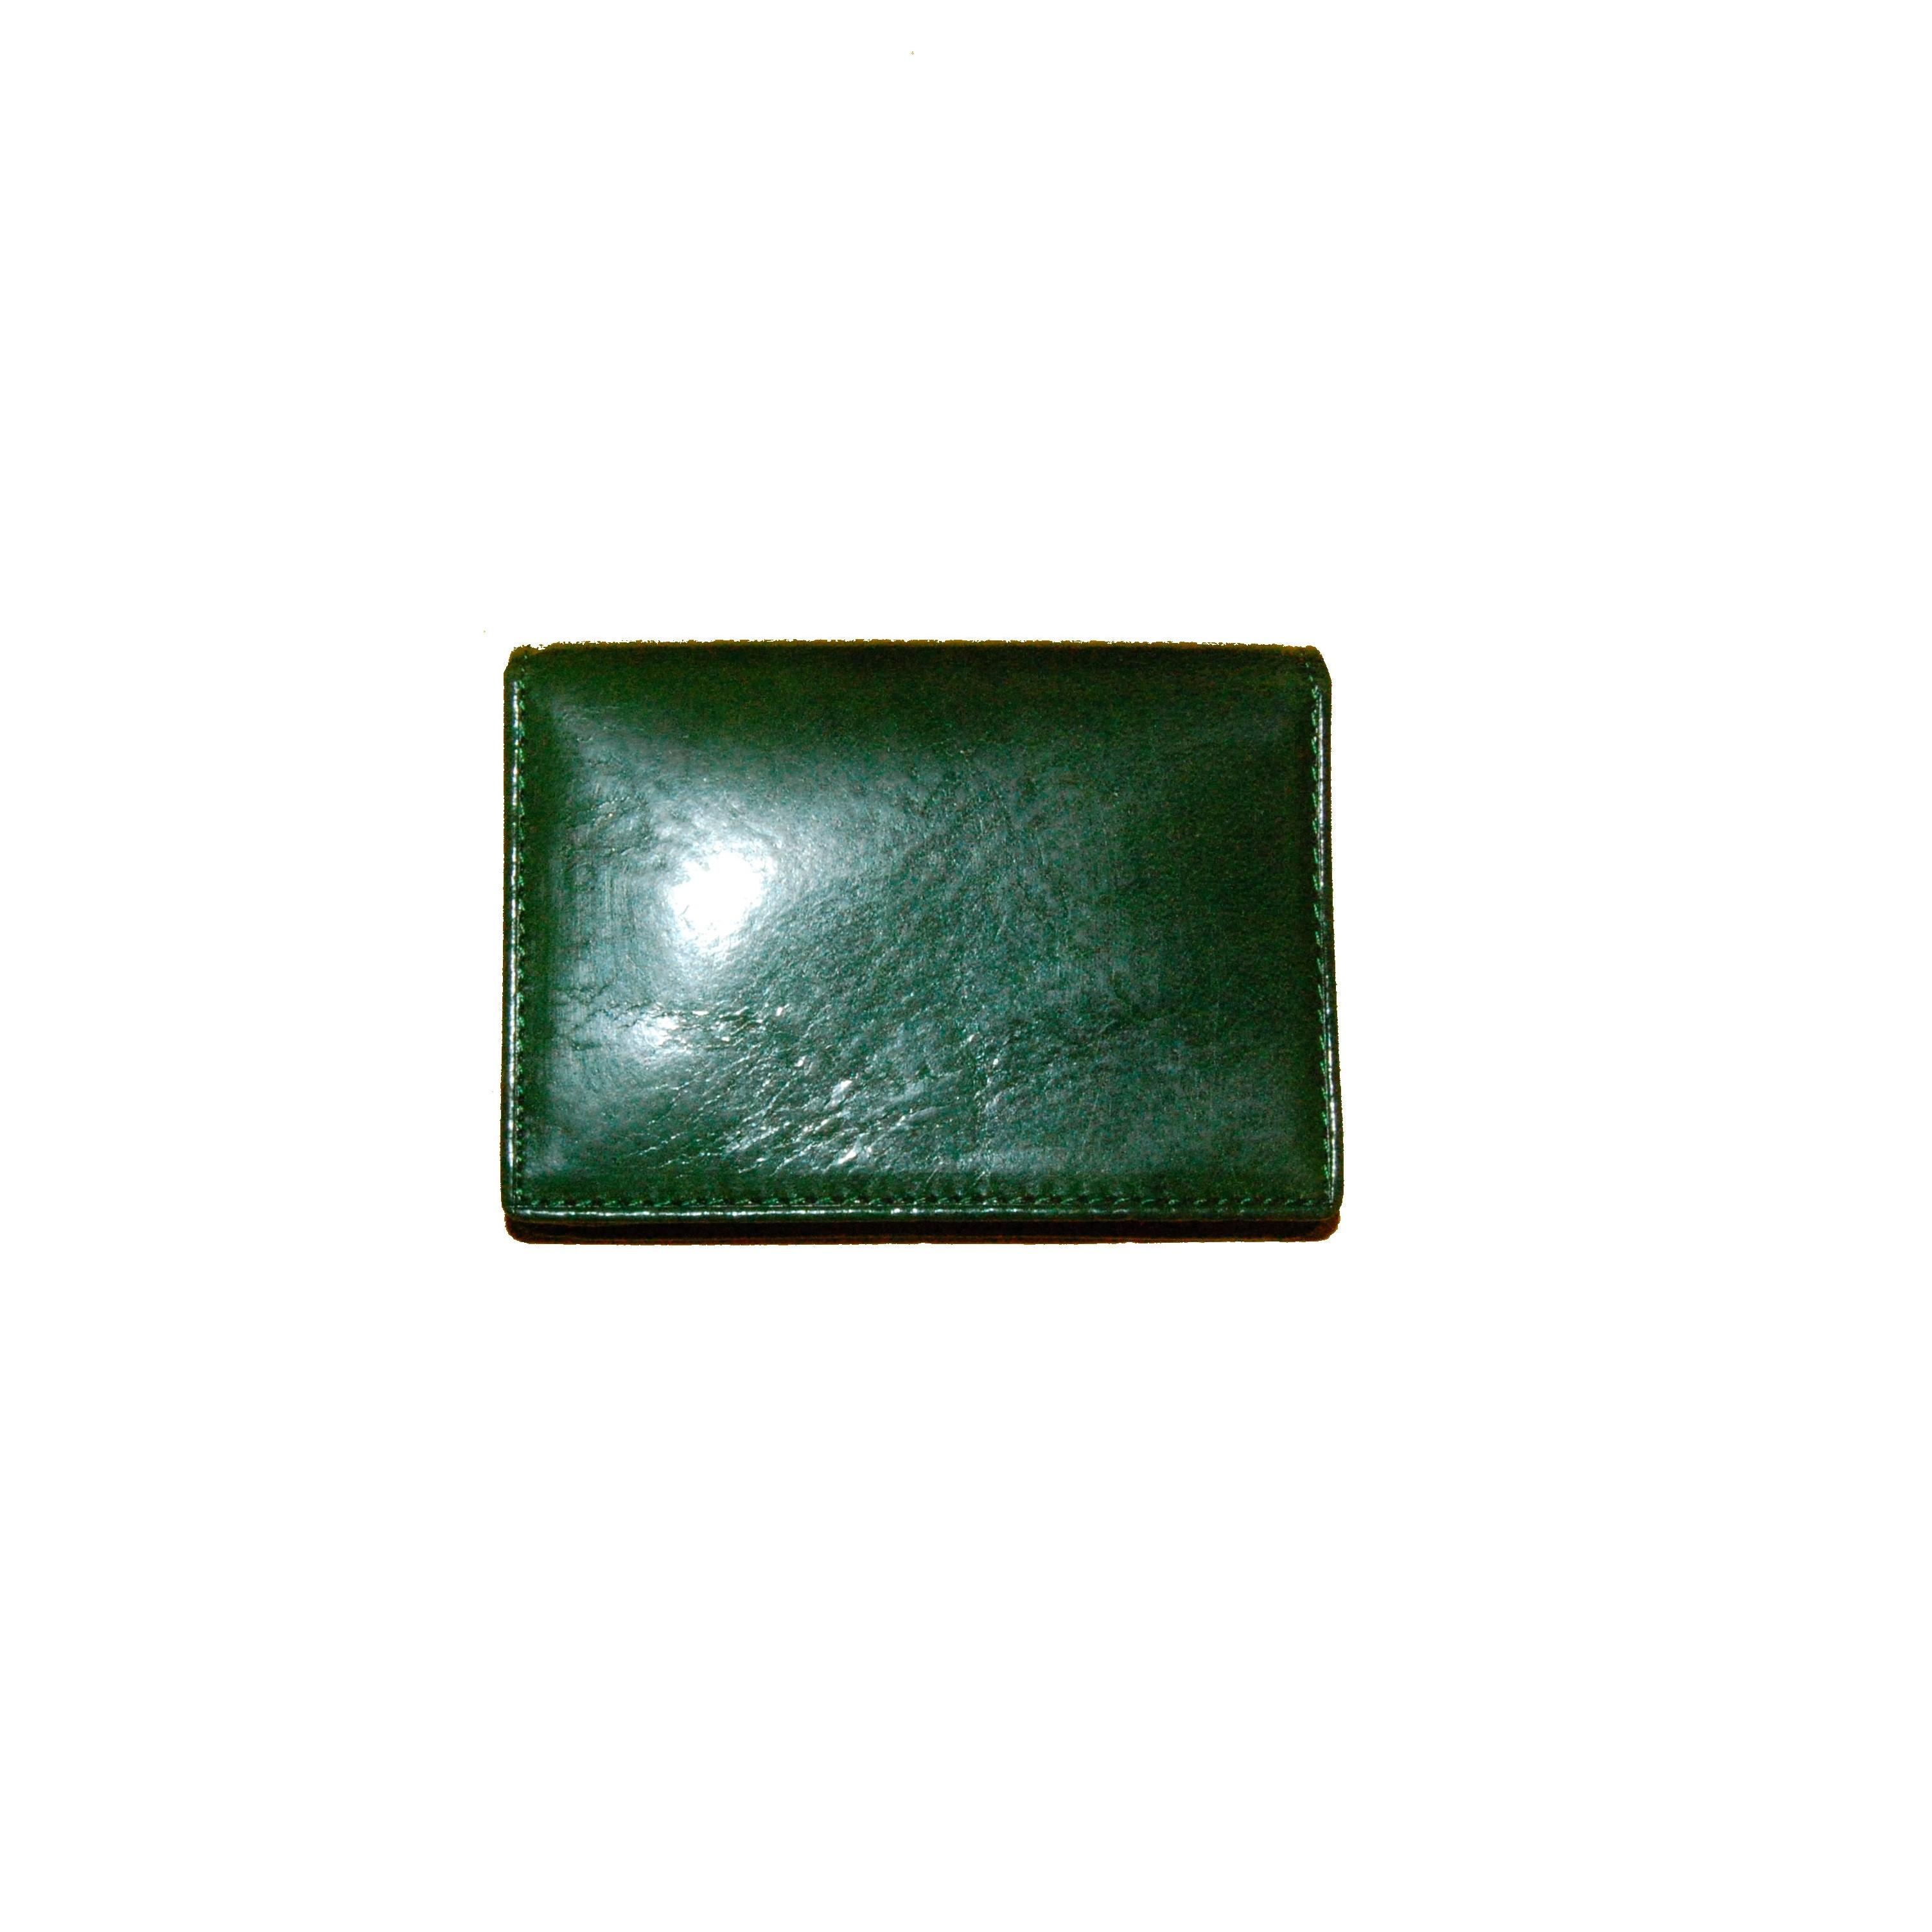 Verde Chiaro2